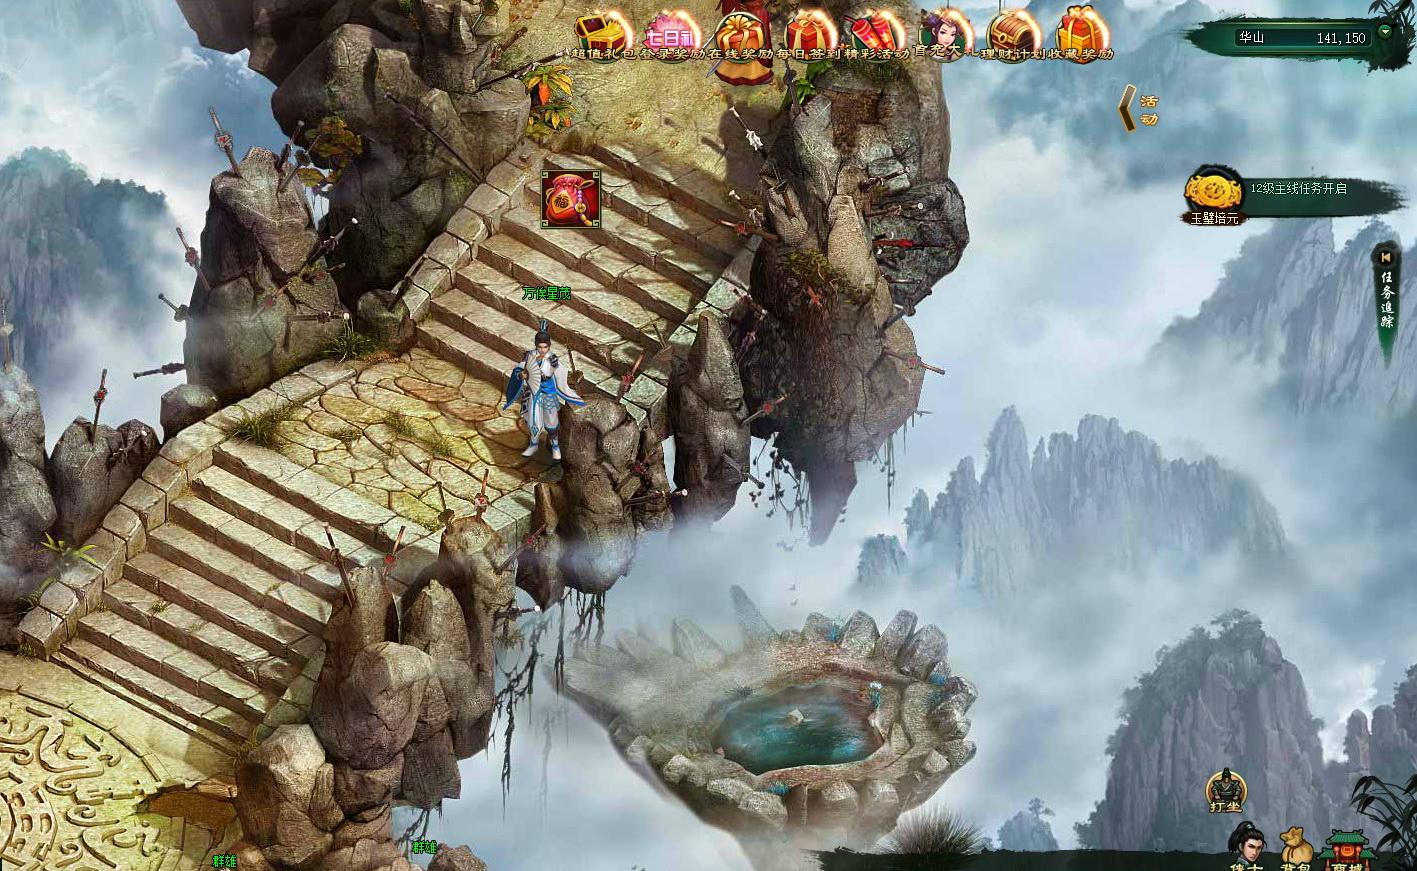 《乱舞江湖3》游戏截图